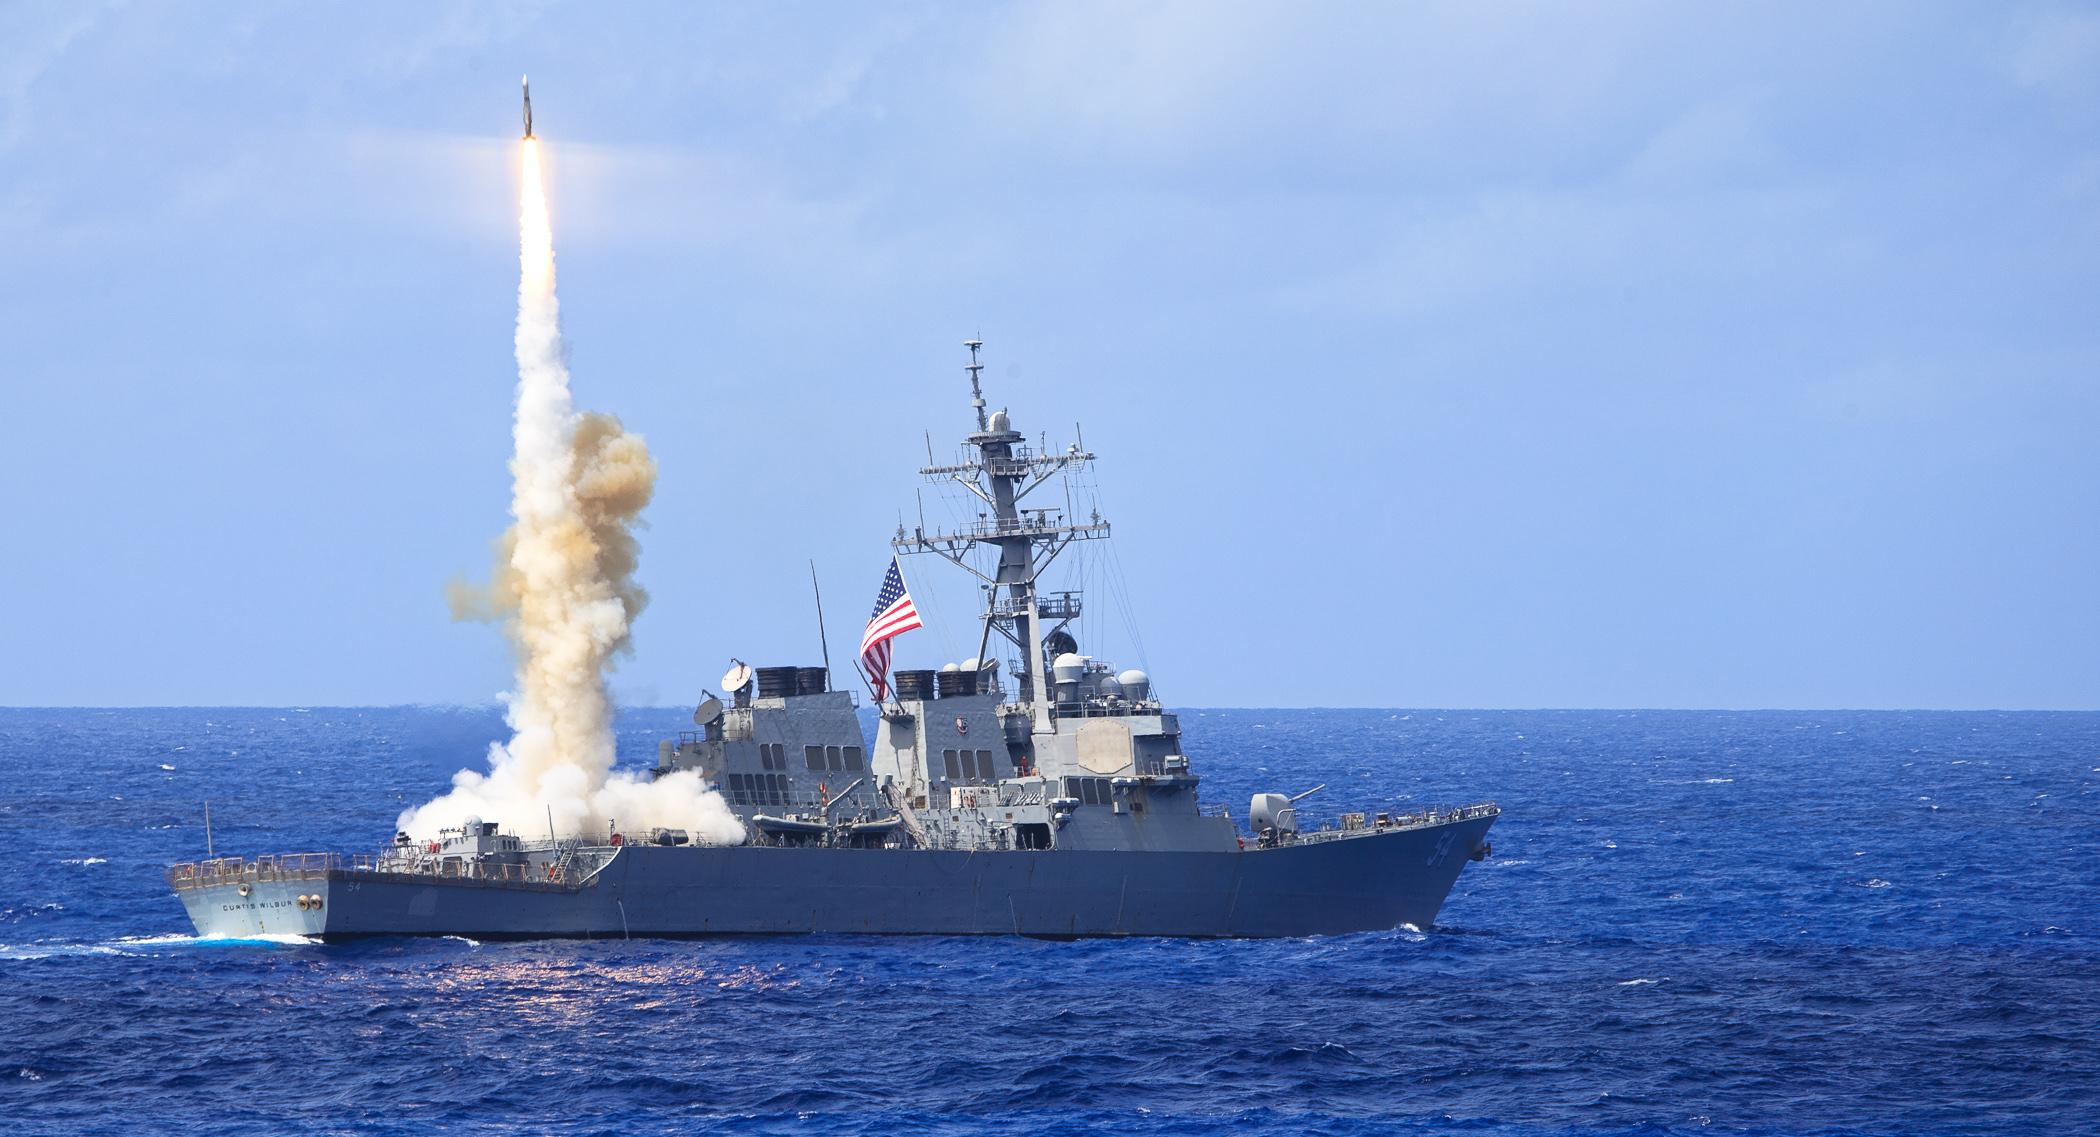 USS CURTIS WILBUR DDG-54 Raketen-Testabschuss am 22.03.2014 Bild: U.S. Navy